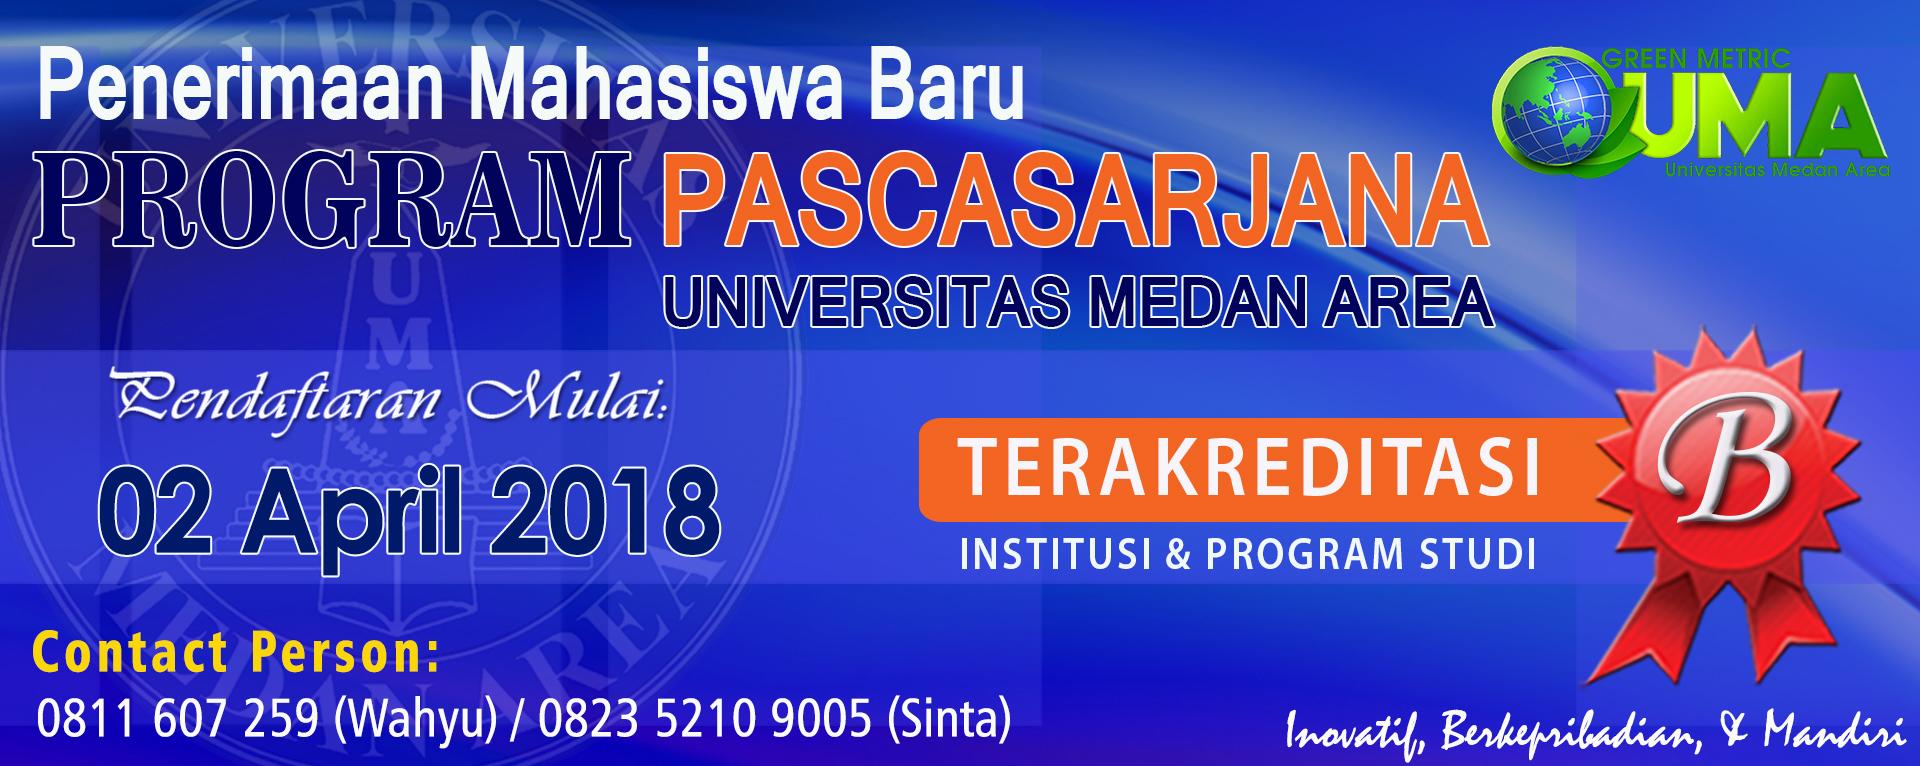 PMB Pascasarjana TA 2018/2019